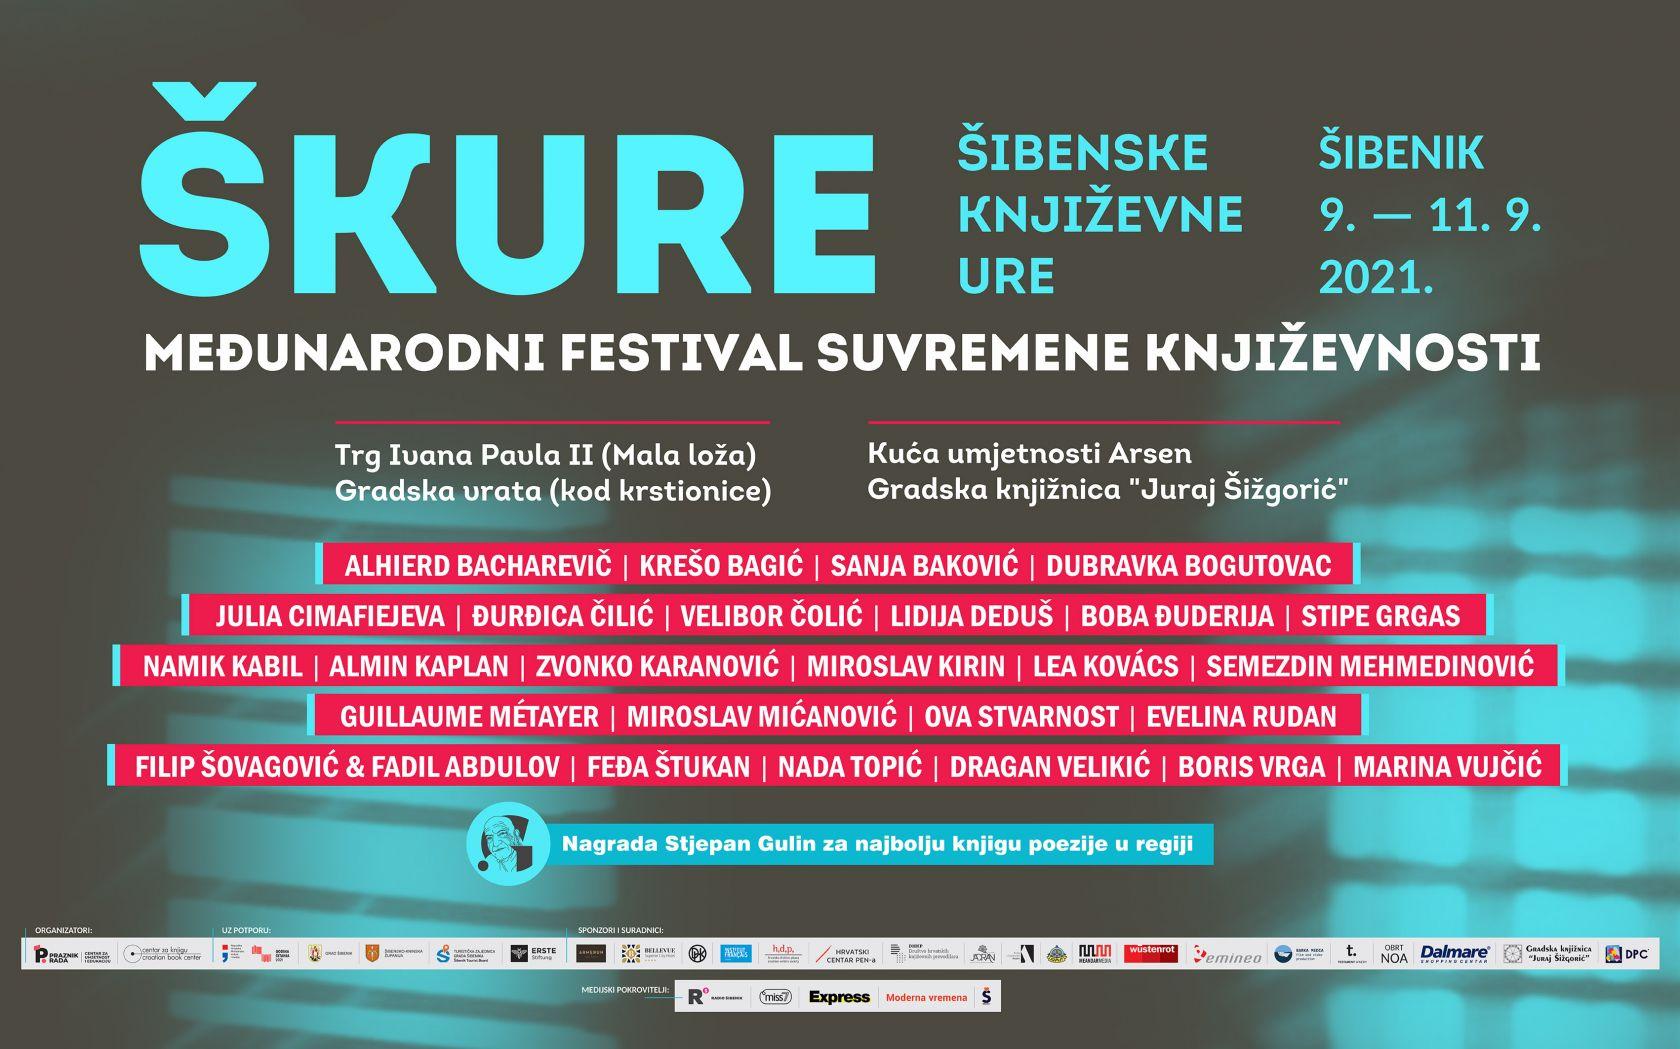 Objavljen program festivala ŠKURE